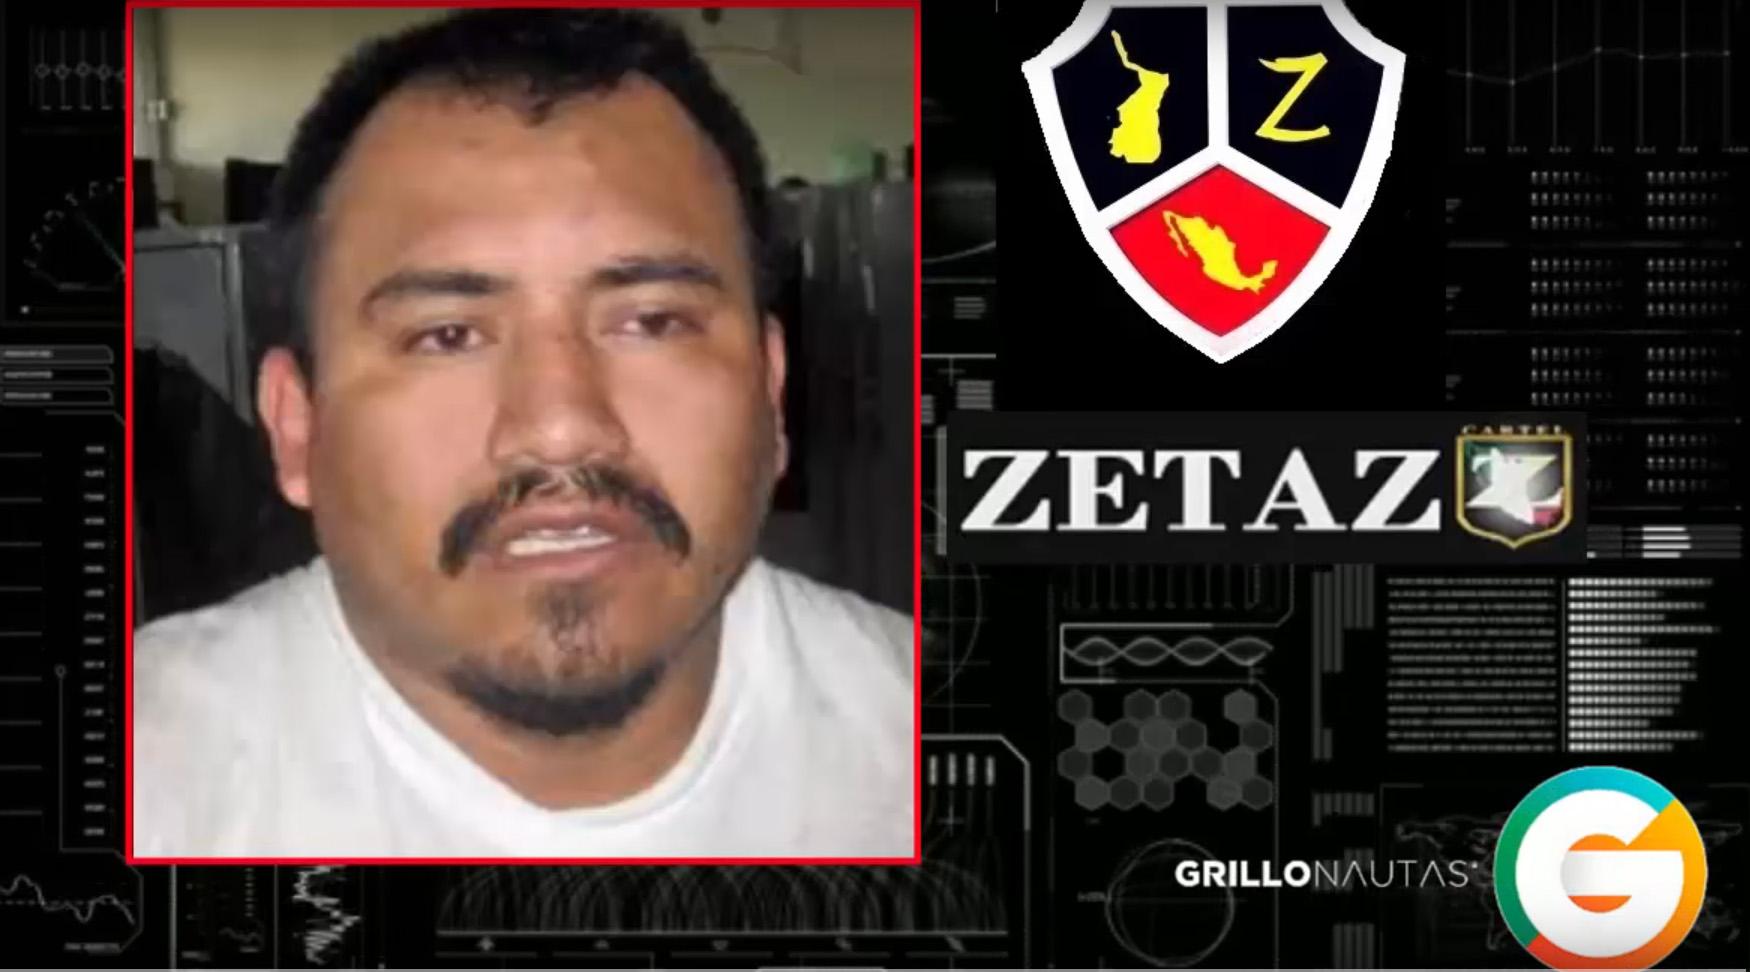 60 años de prisión para líder Zeta en Tamaulipas